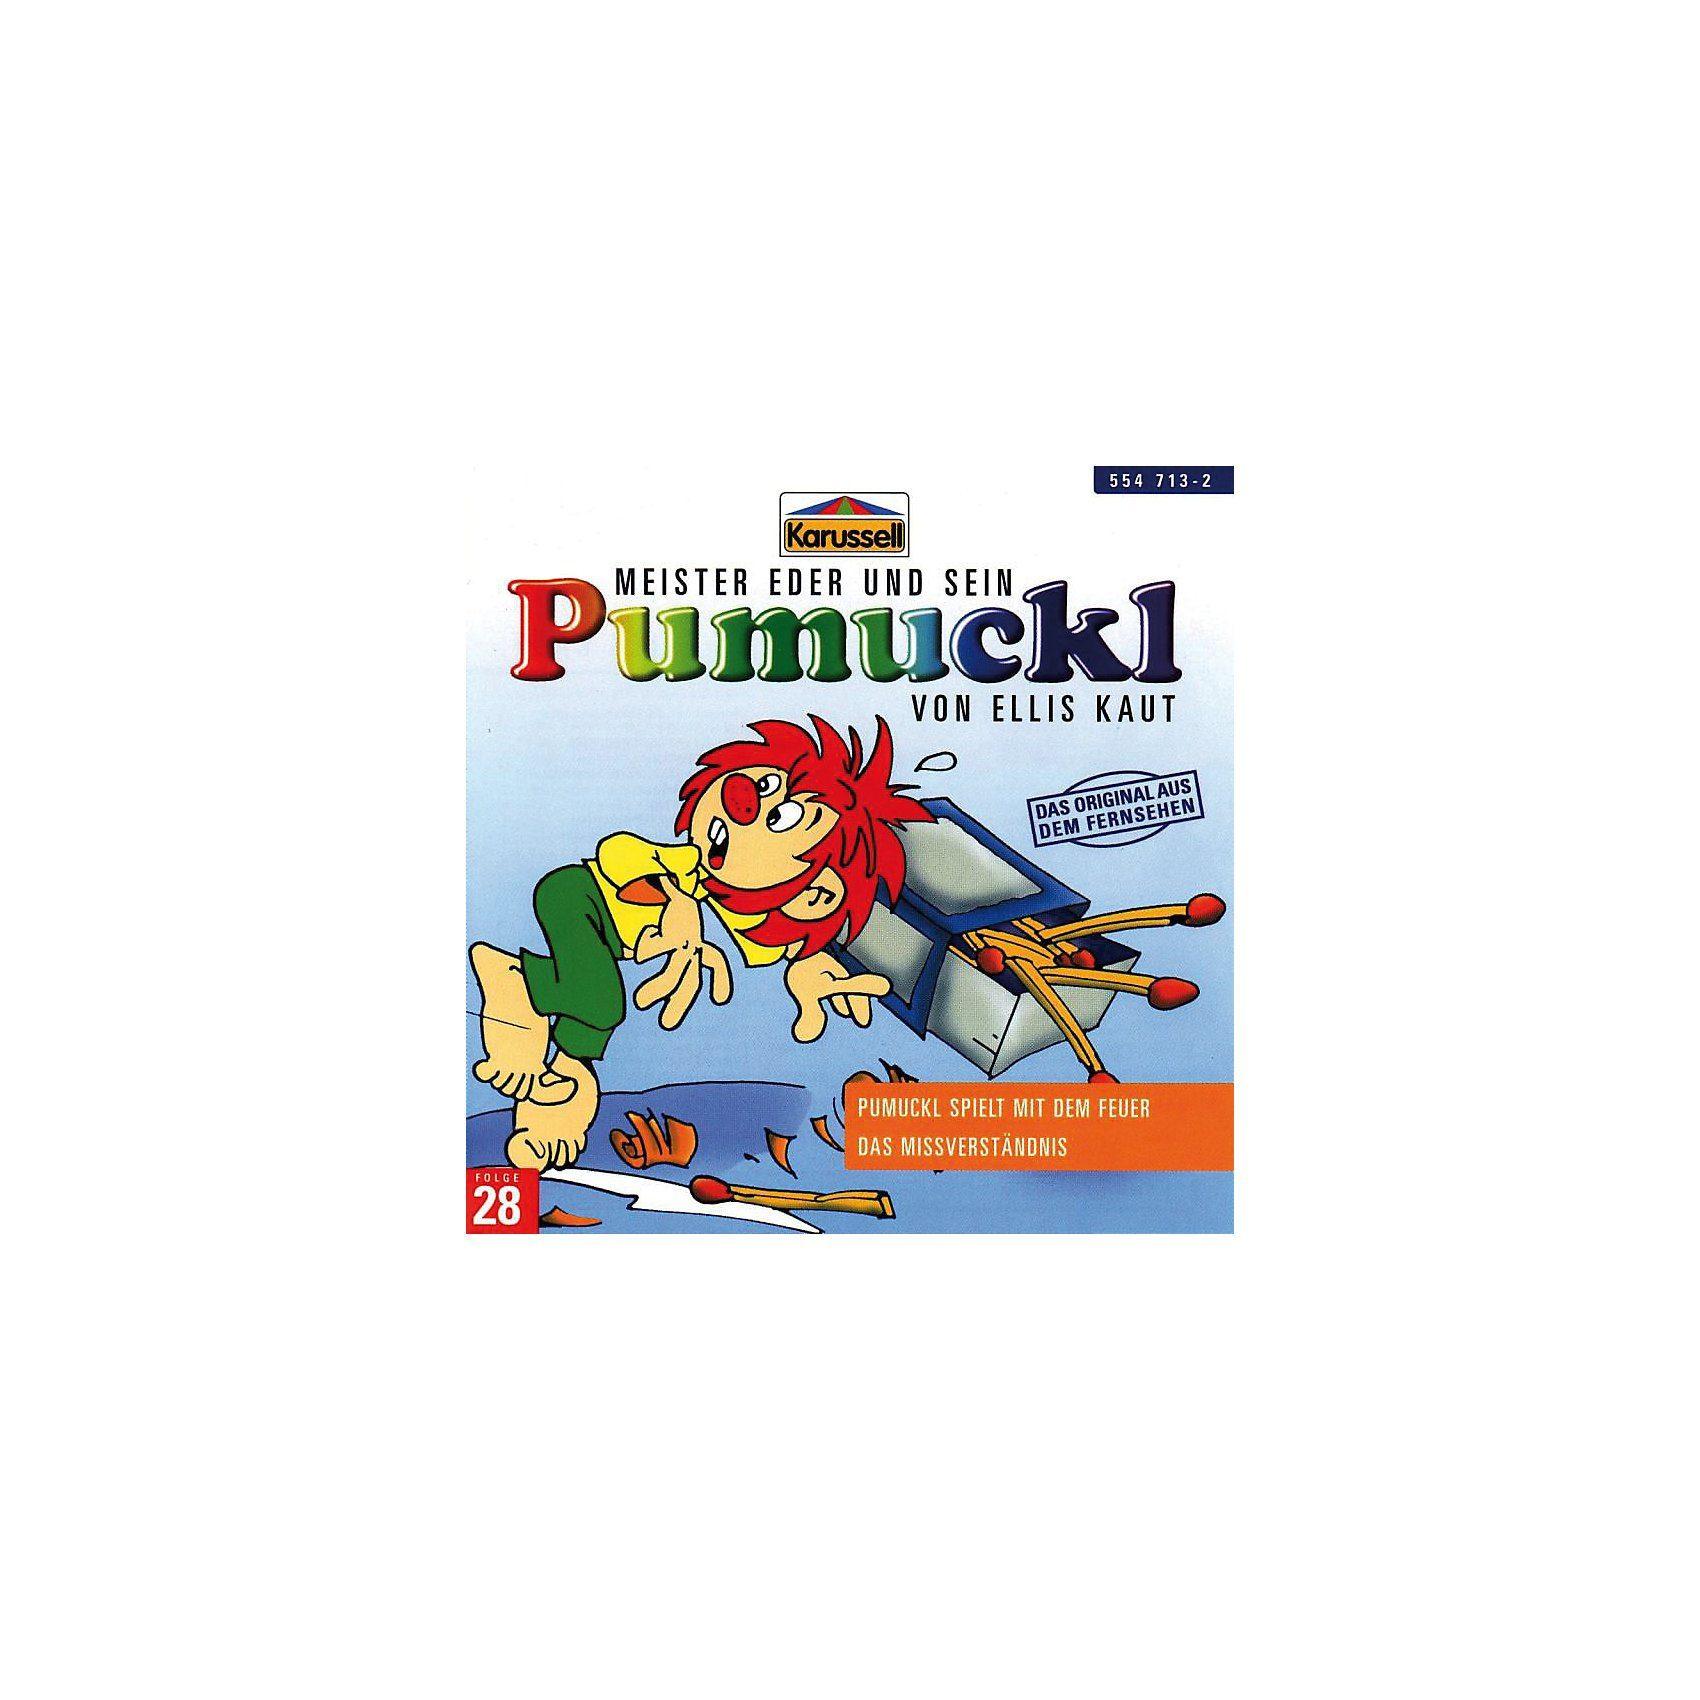 Universal CD Pumuckl 28 - Pumuckl Spielt mt dem Feuer/ Das Missverstän